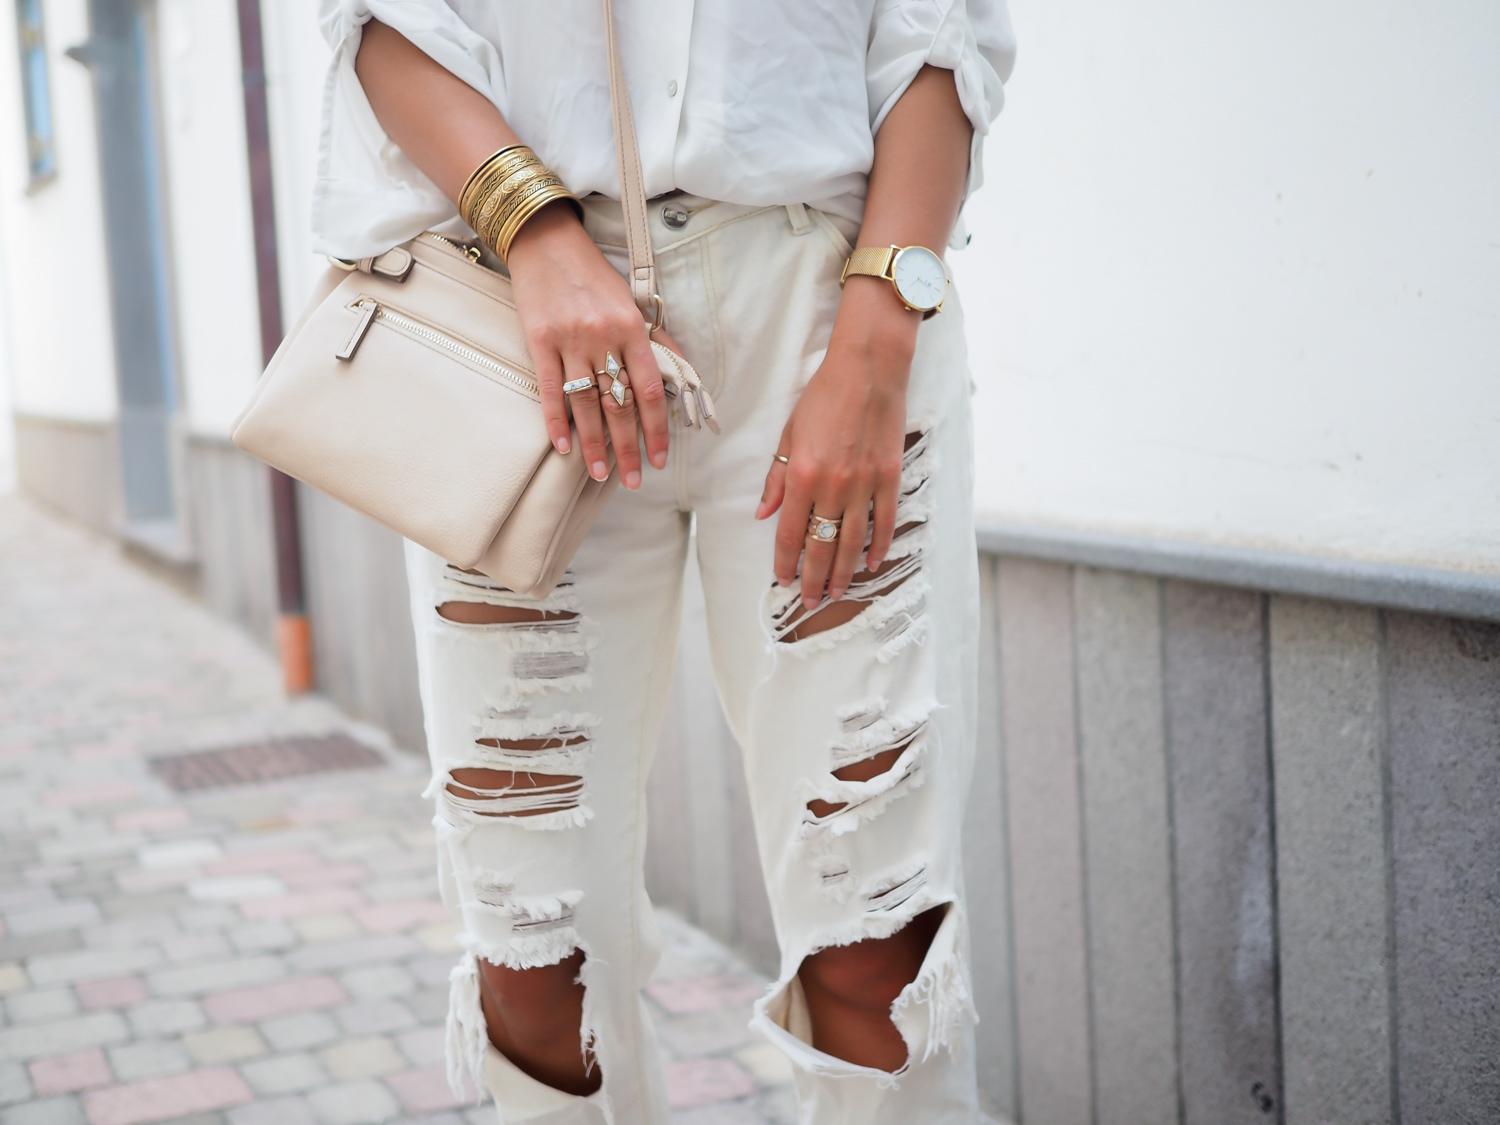 wpid-all-white-look-with-white-boyfriend-jeans-justfab-adidas-super-stars-look-outfit-girl-mädchen-frauen-style-alles-weiß-urlaubslook-holiday-attire-german-fashionblog-streetstyle-blog-berlin-samieze-deutschland-13.jpg.jpeg